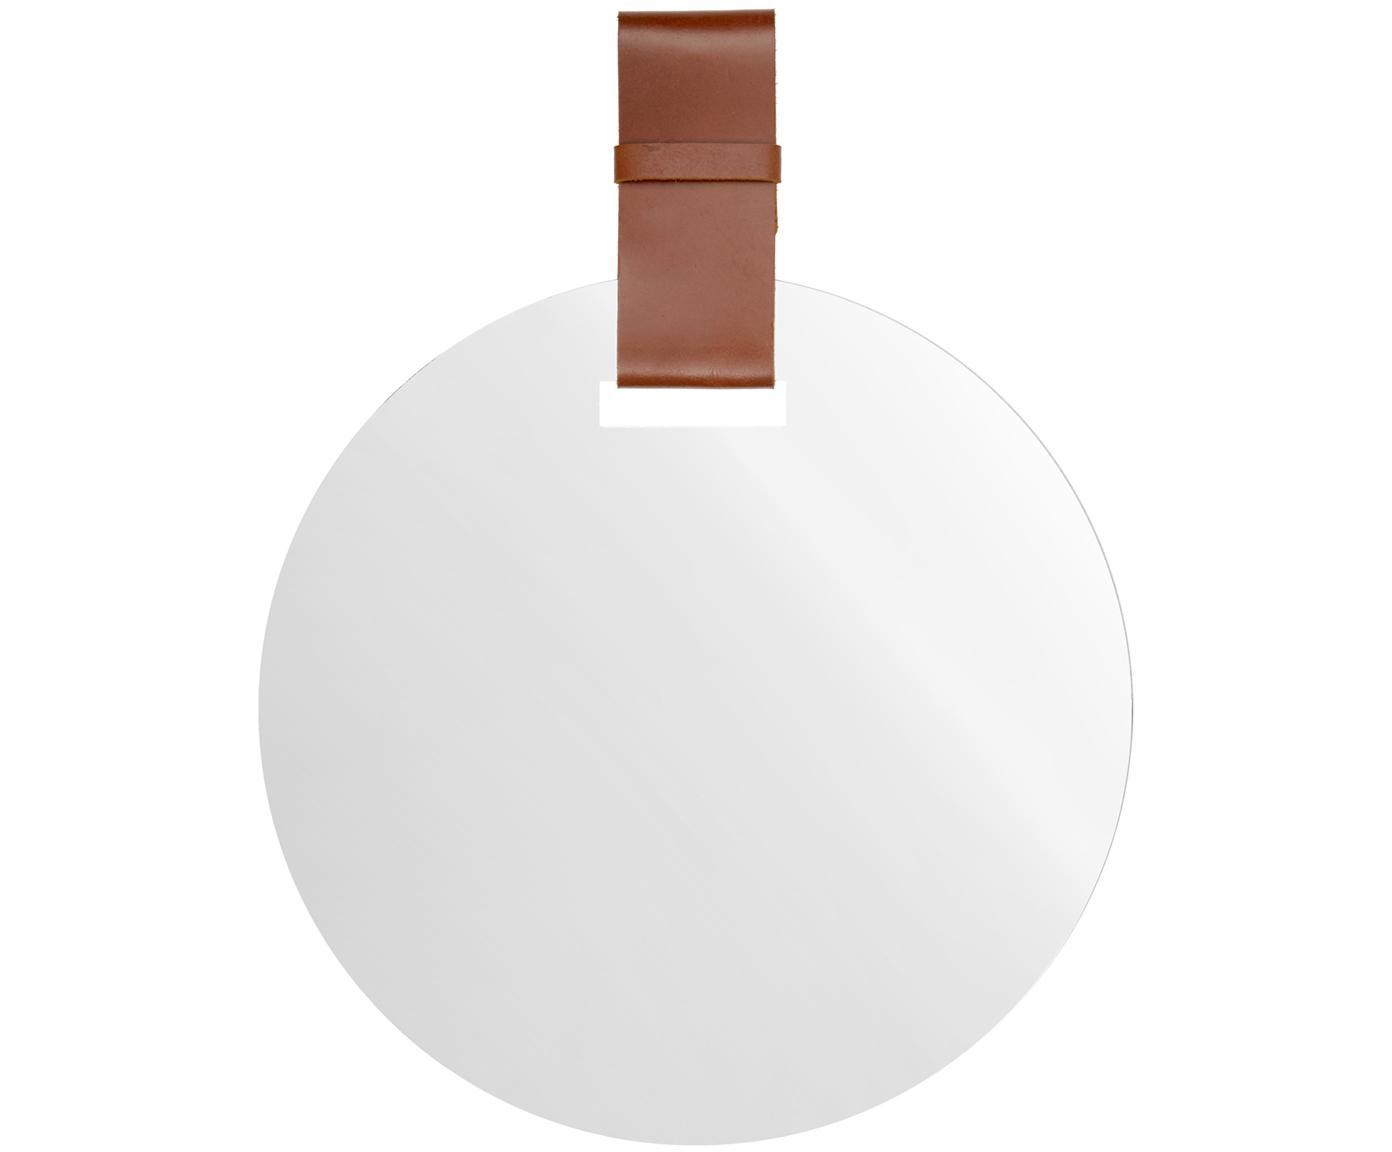 Espejo de pared Miles, Espejo: cristal, Parte trasera: tablero de fibras de dens, Correa: cuero, Espejo de cristal, coñac, Ø 40 cm